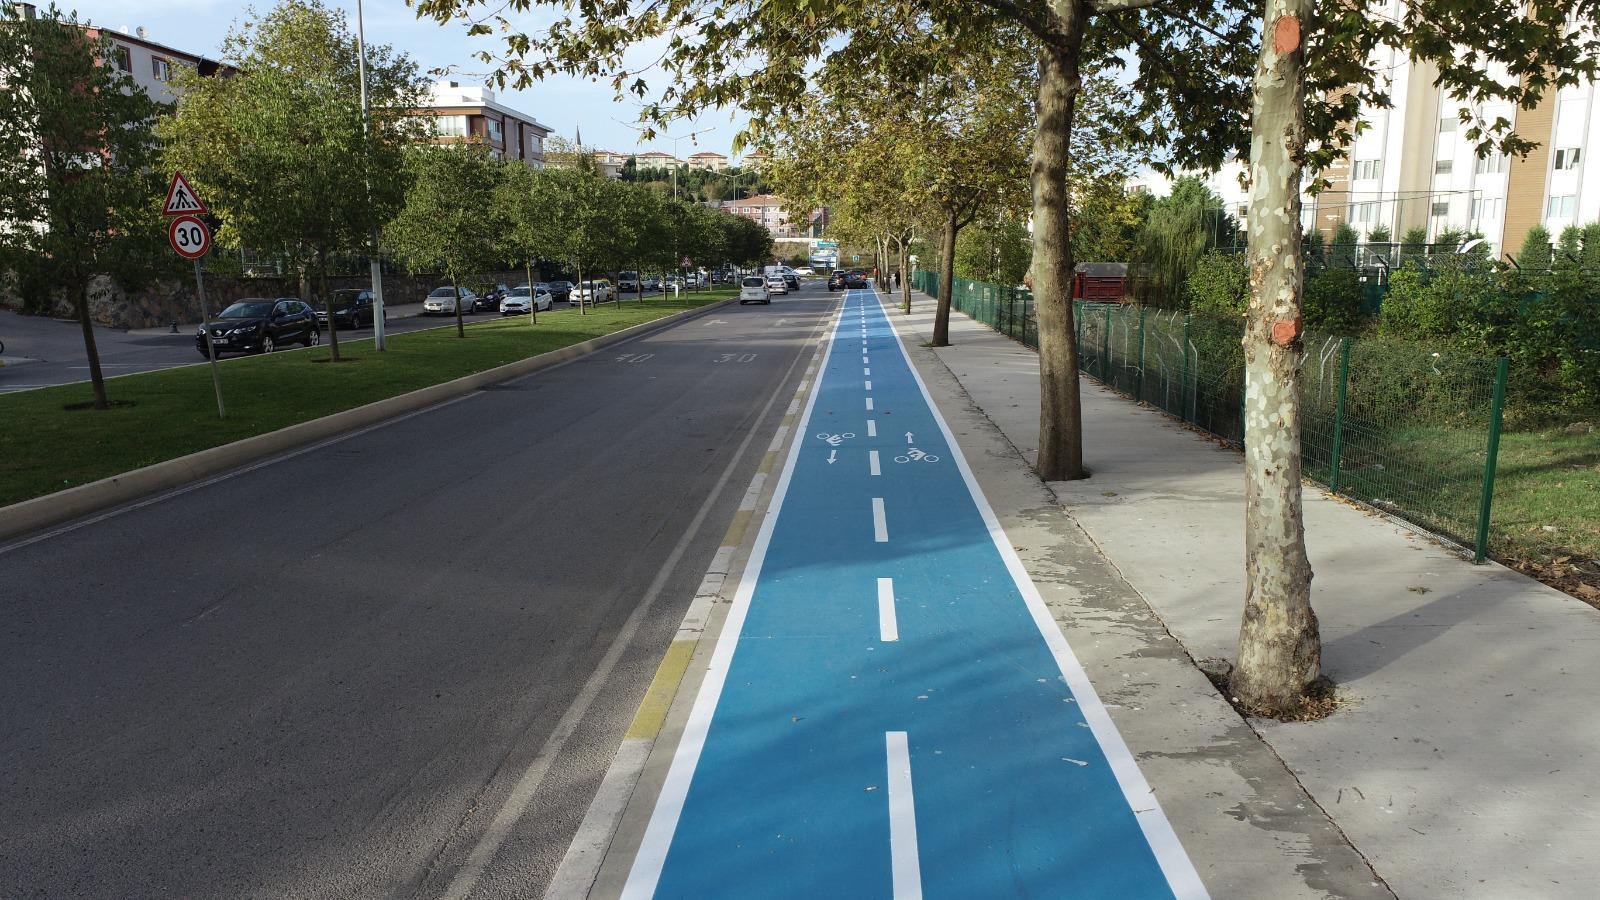 Pendik'te bisiklet yolları yaygınlaşıyor